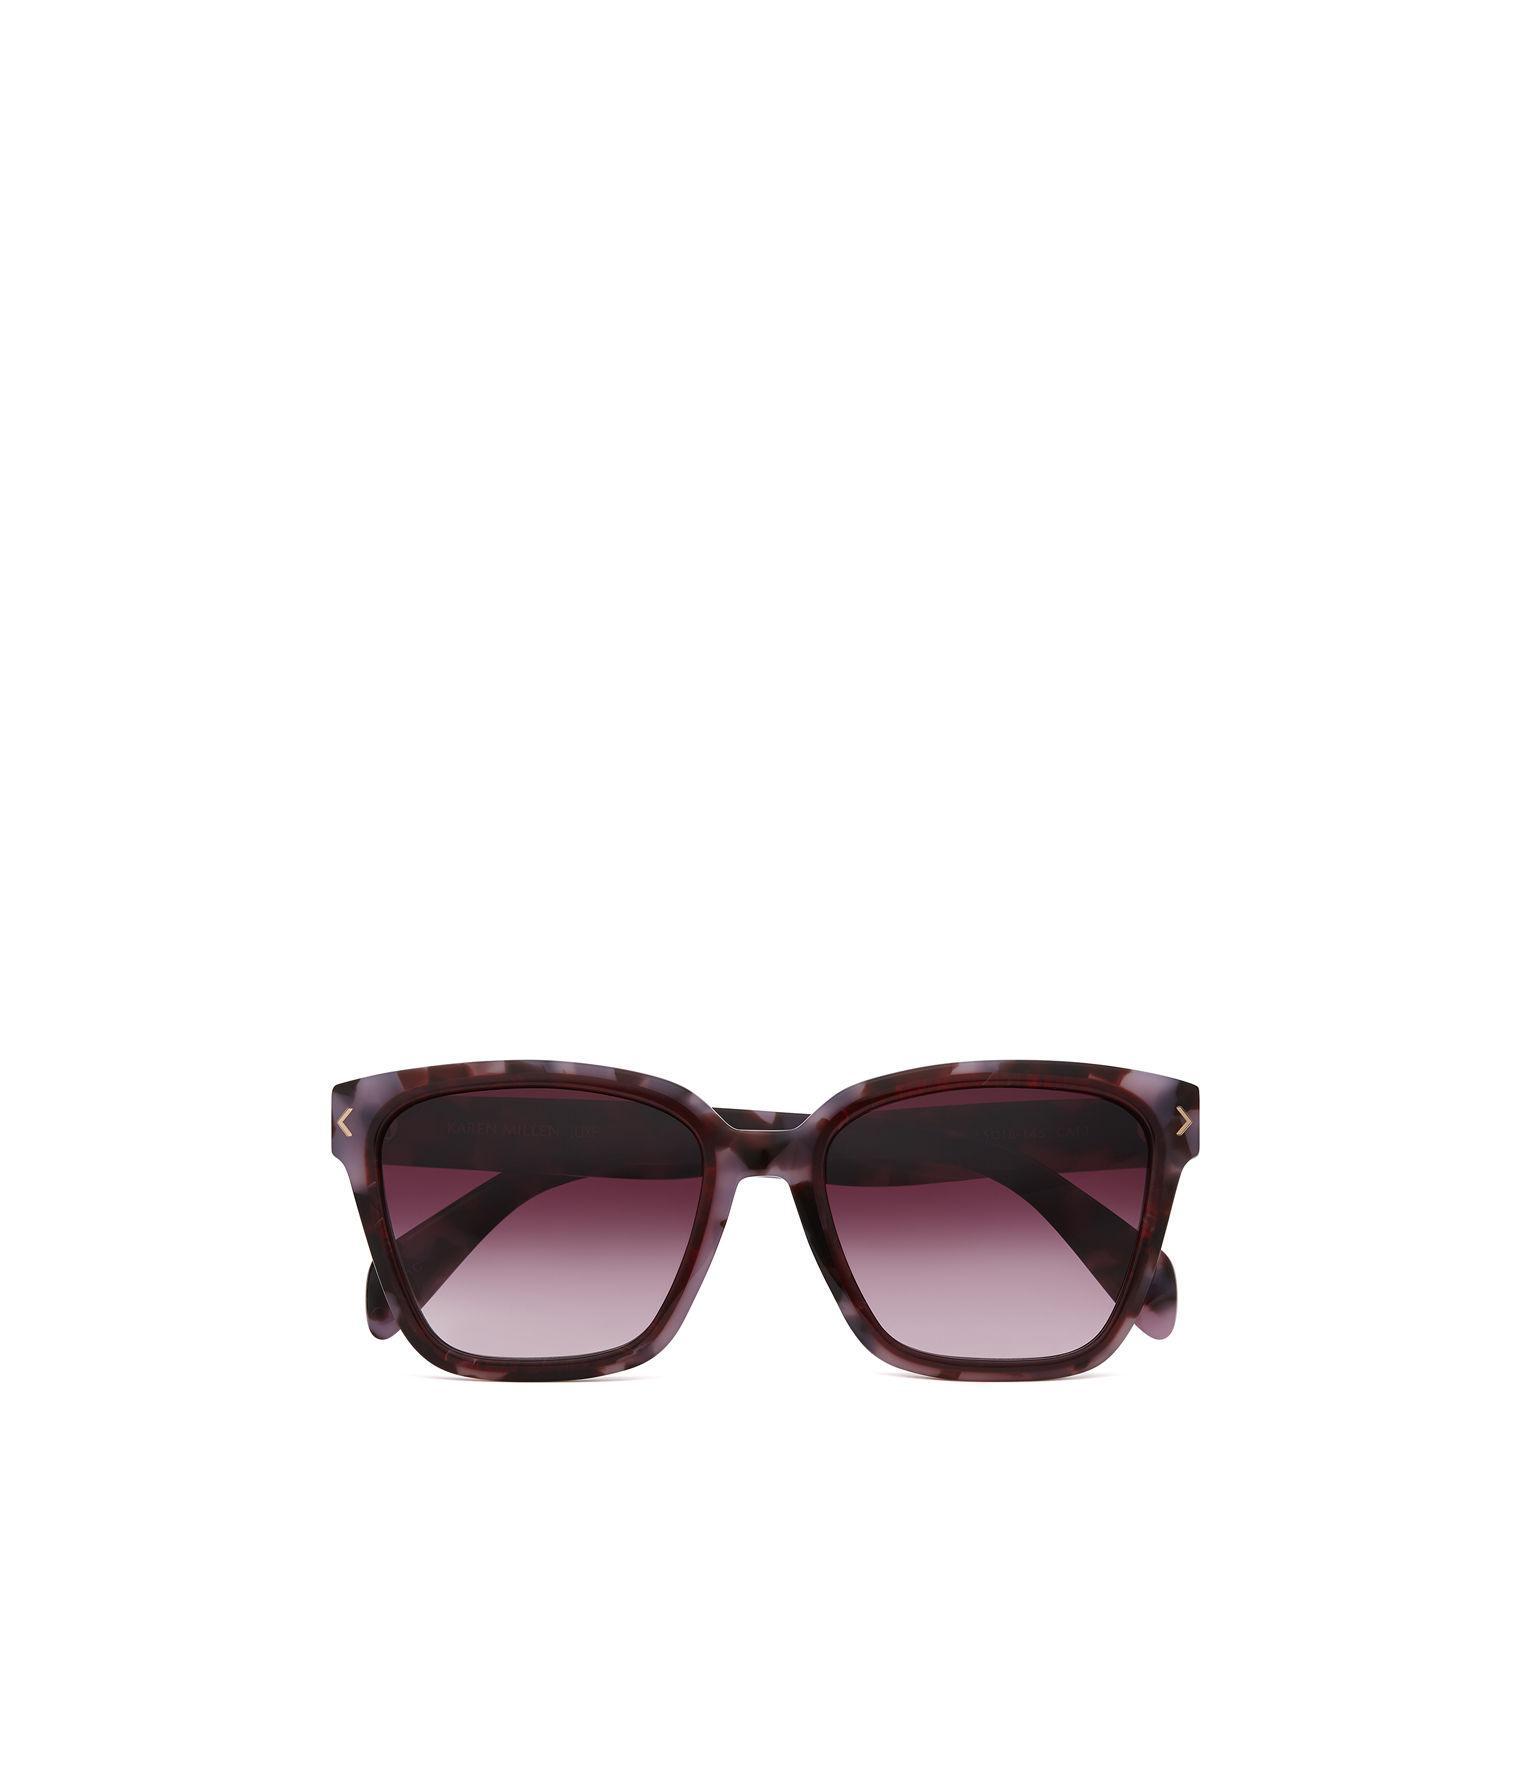 4aa6e270b0 Karen Millen - Pink Deep Square Sunglasses - Lyst. View fullscreen